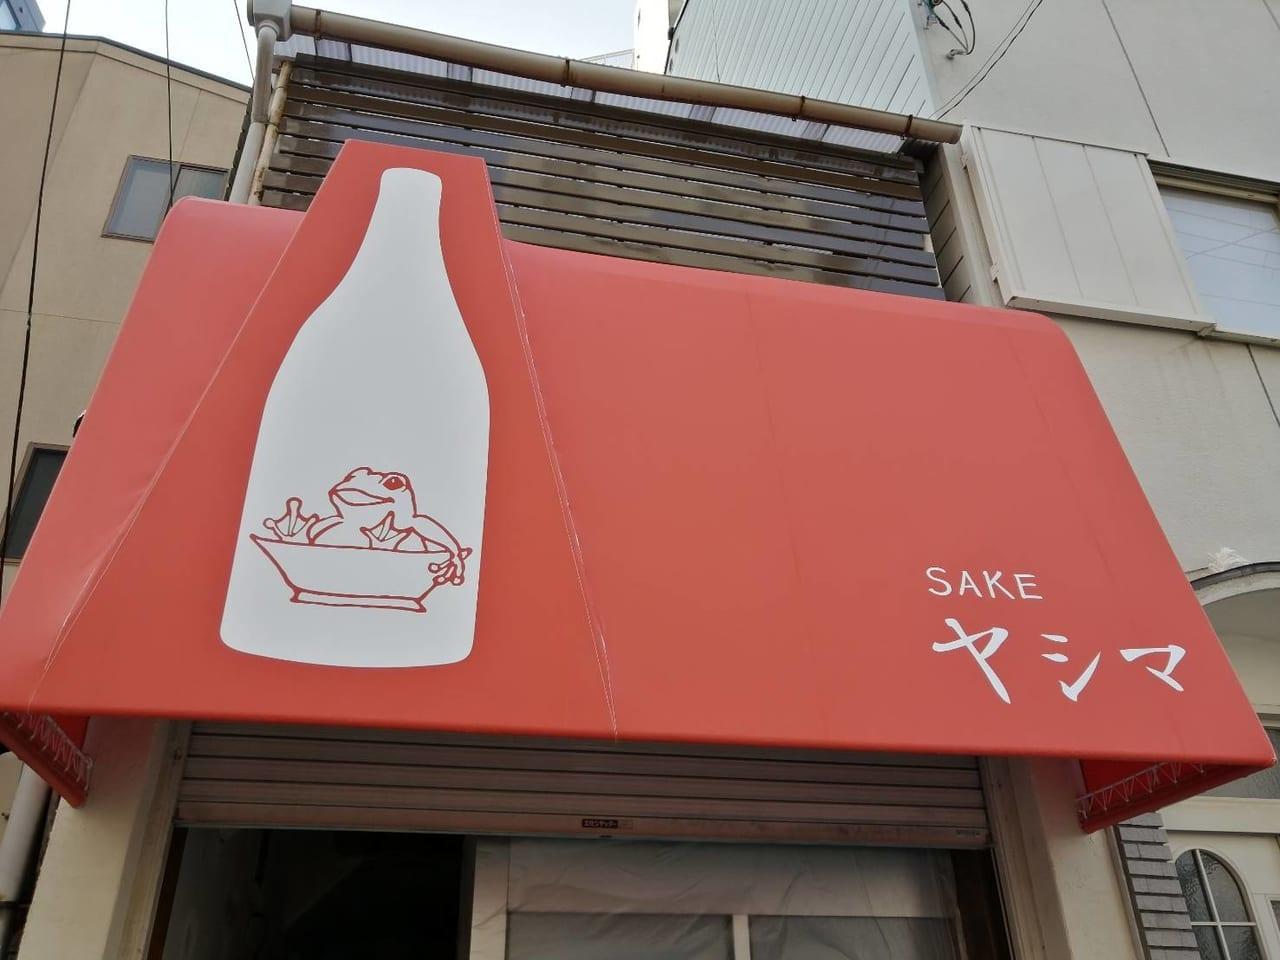 SAKE ヤシマ